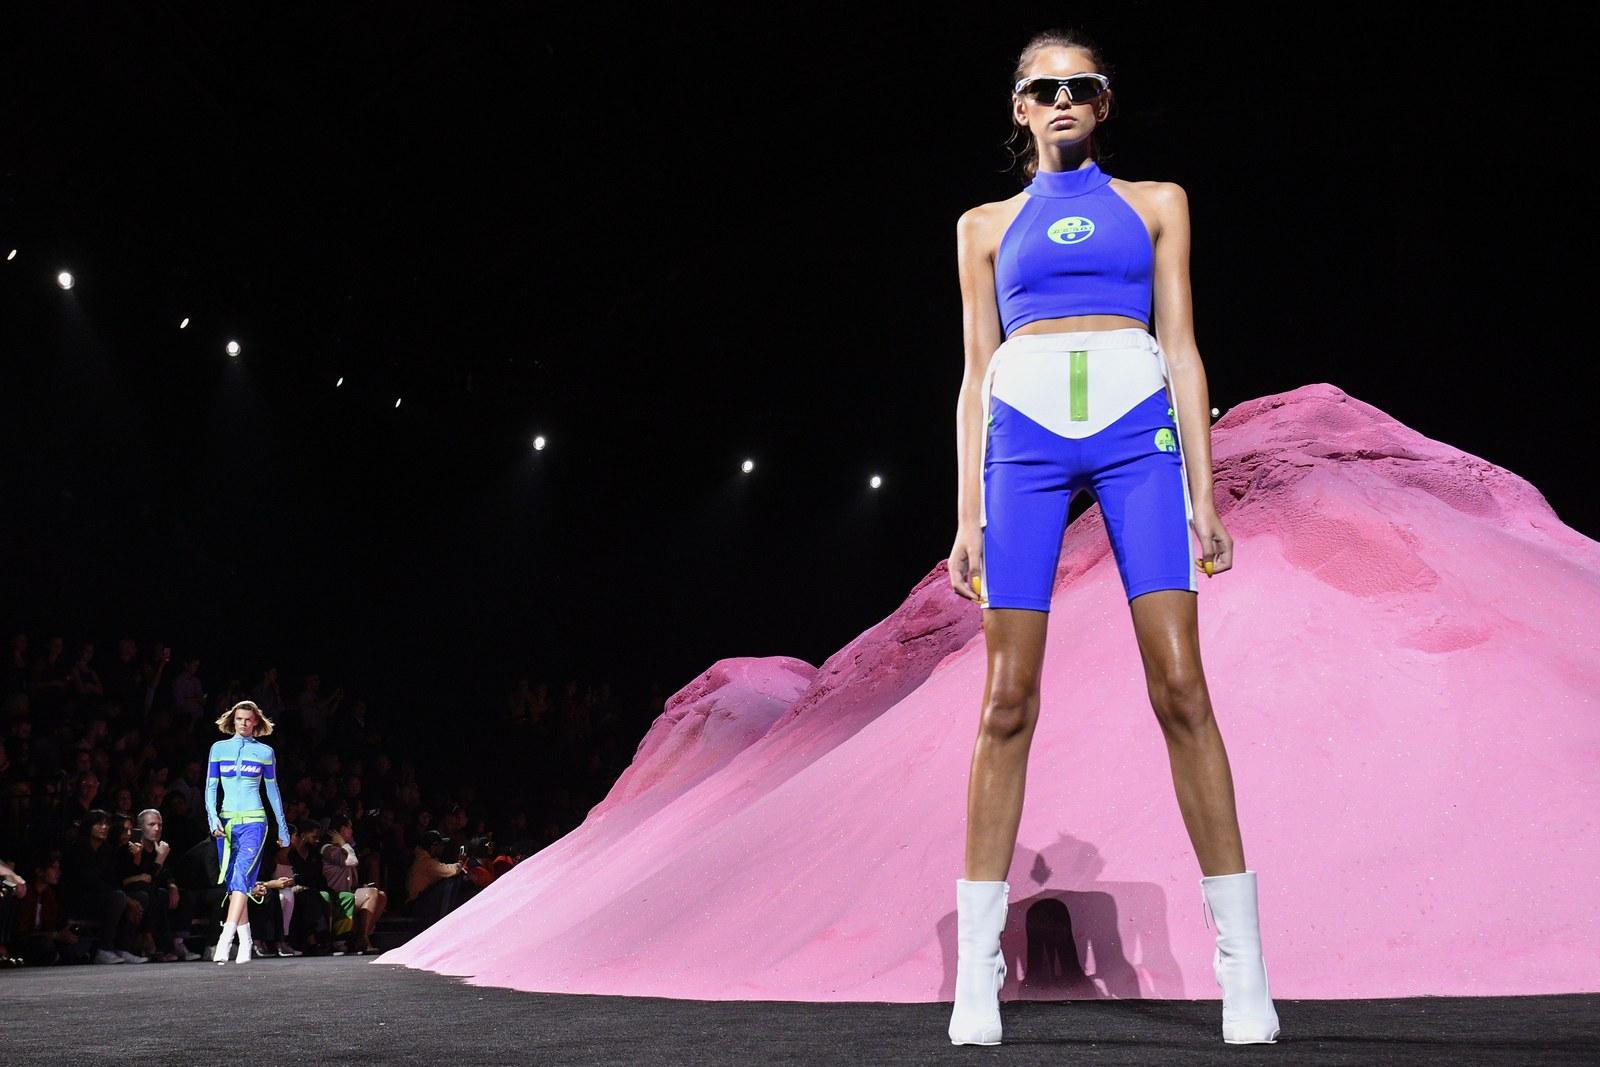 Phong cách của người mẫu trẻ thay đổi 180o khi xuất hiện trong show diễn Puma x Fenty của nữ ca sĩ Rihanna kết hợp cùng nhà mốt thể thao danh tiếng.